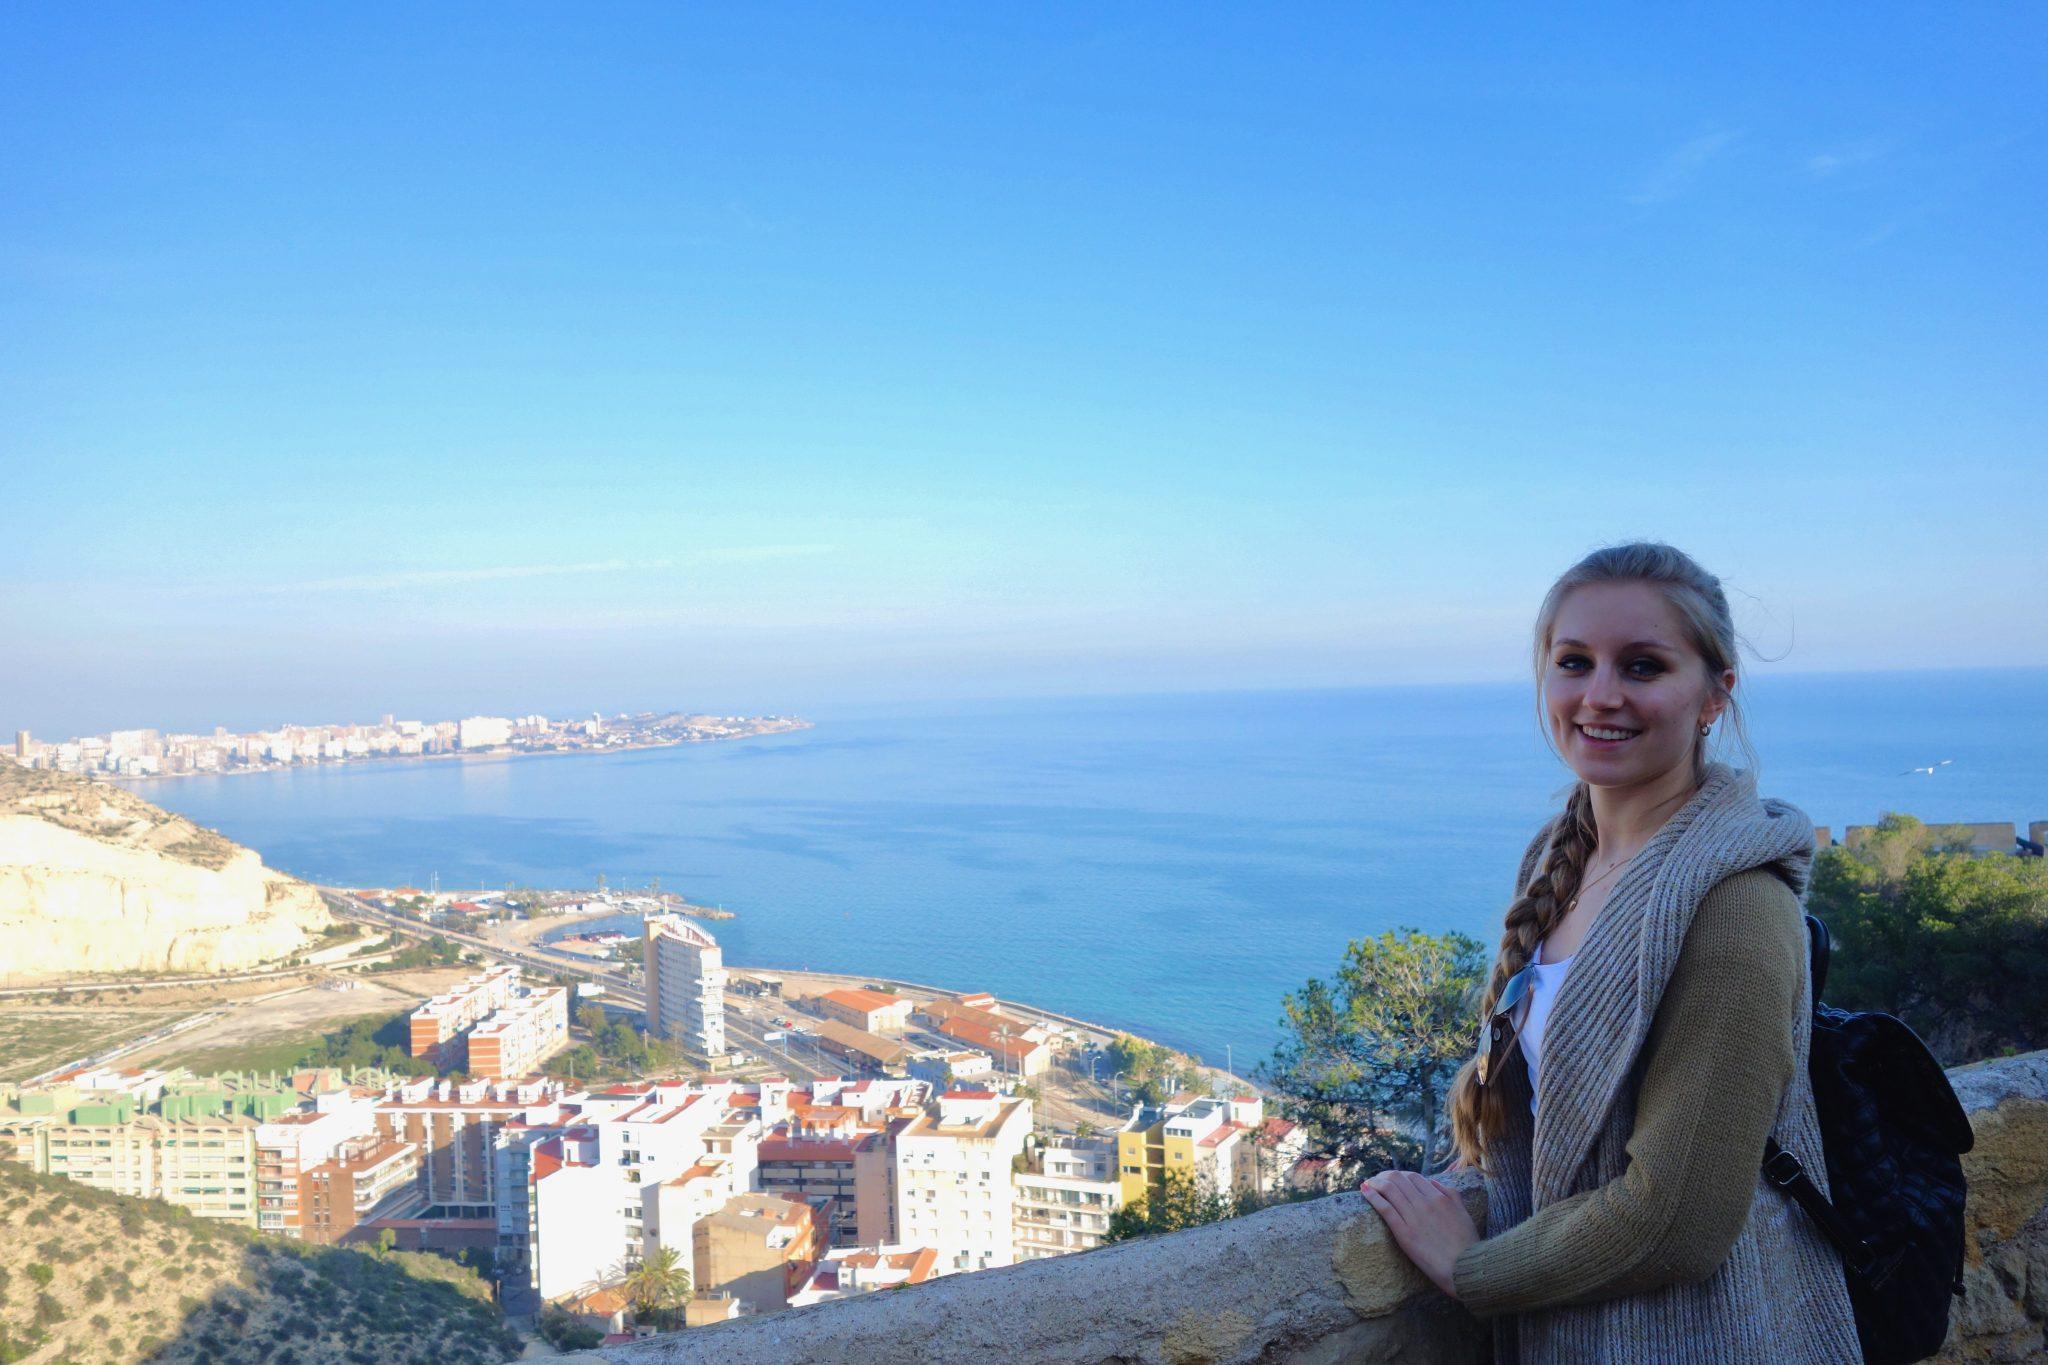 Alicante, Castillo de Santa Bárbara: Wir hätten uns stundenlang dort oben aufhalten können...